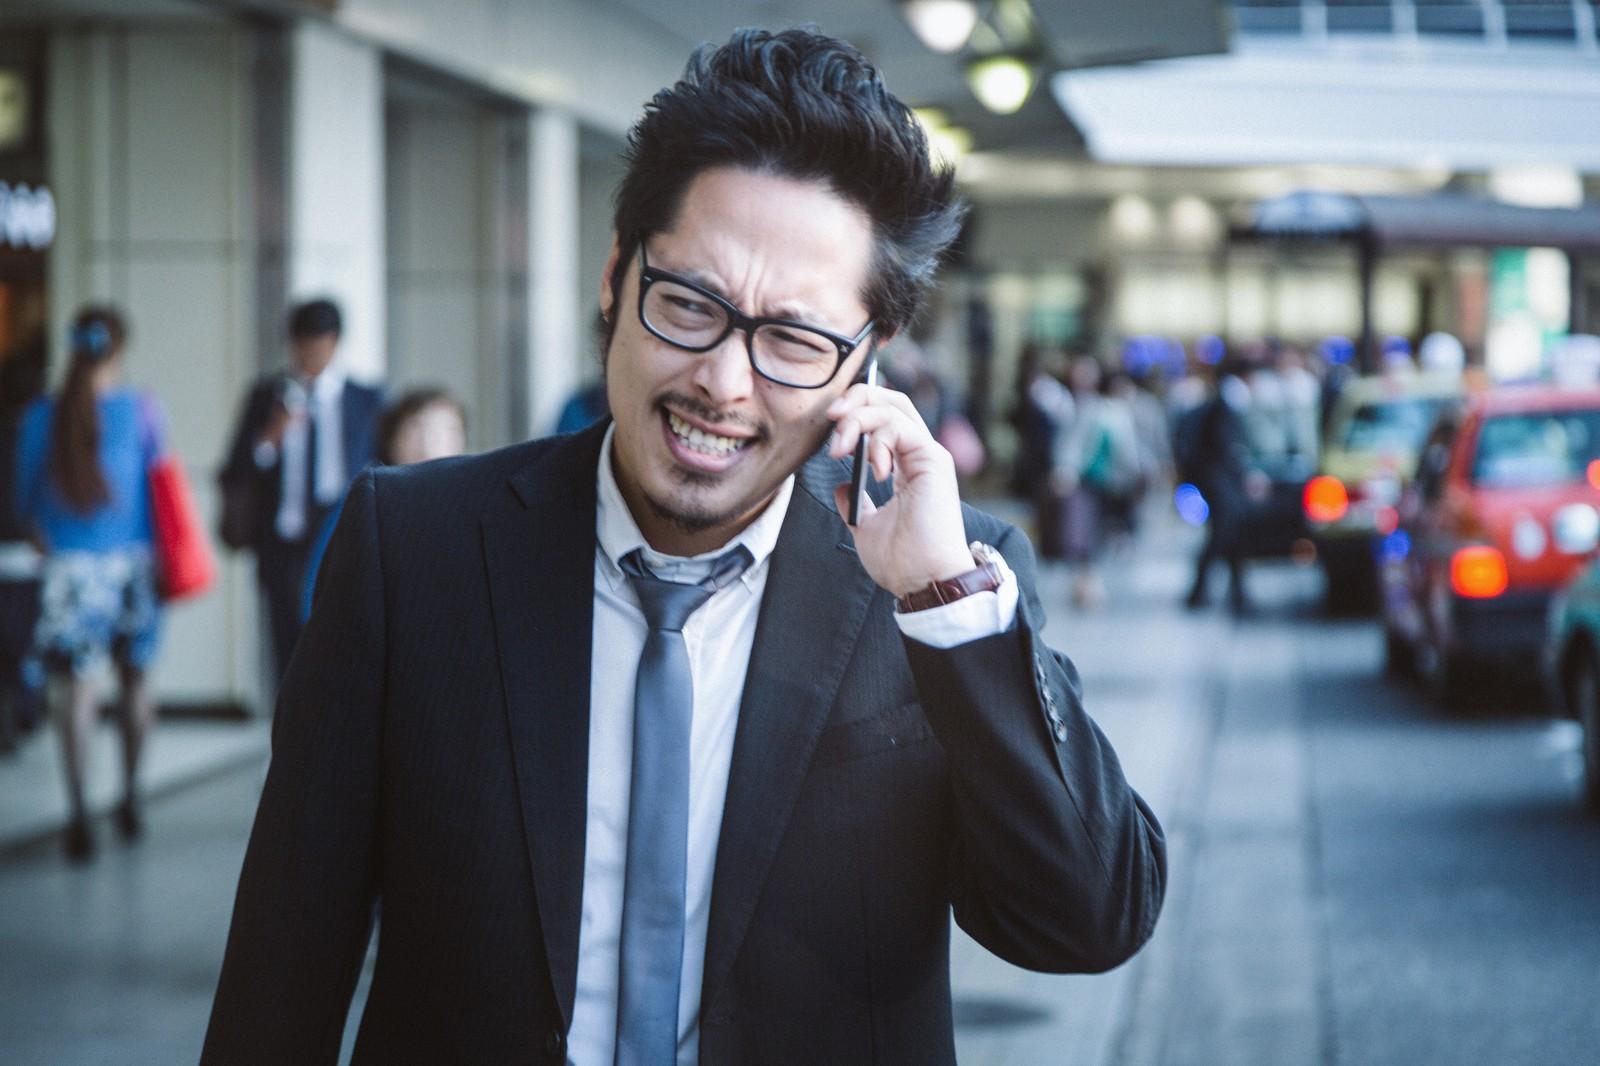 英語の電話を受け取ったら...電話対応で使えるビジネス英語フレーズ集